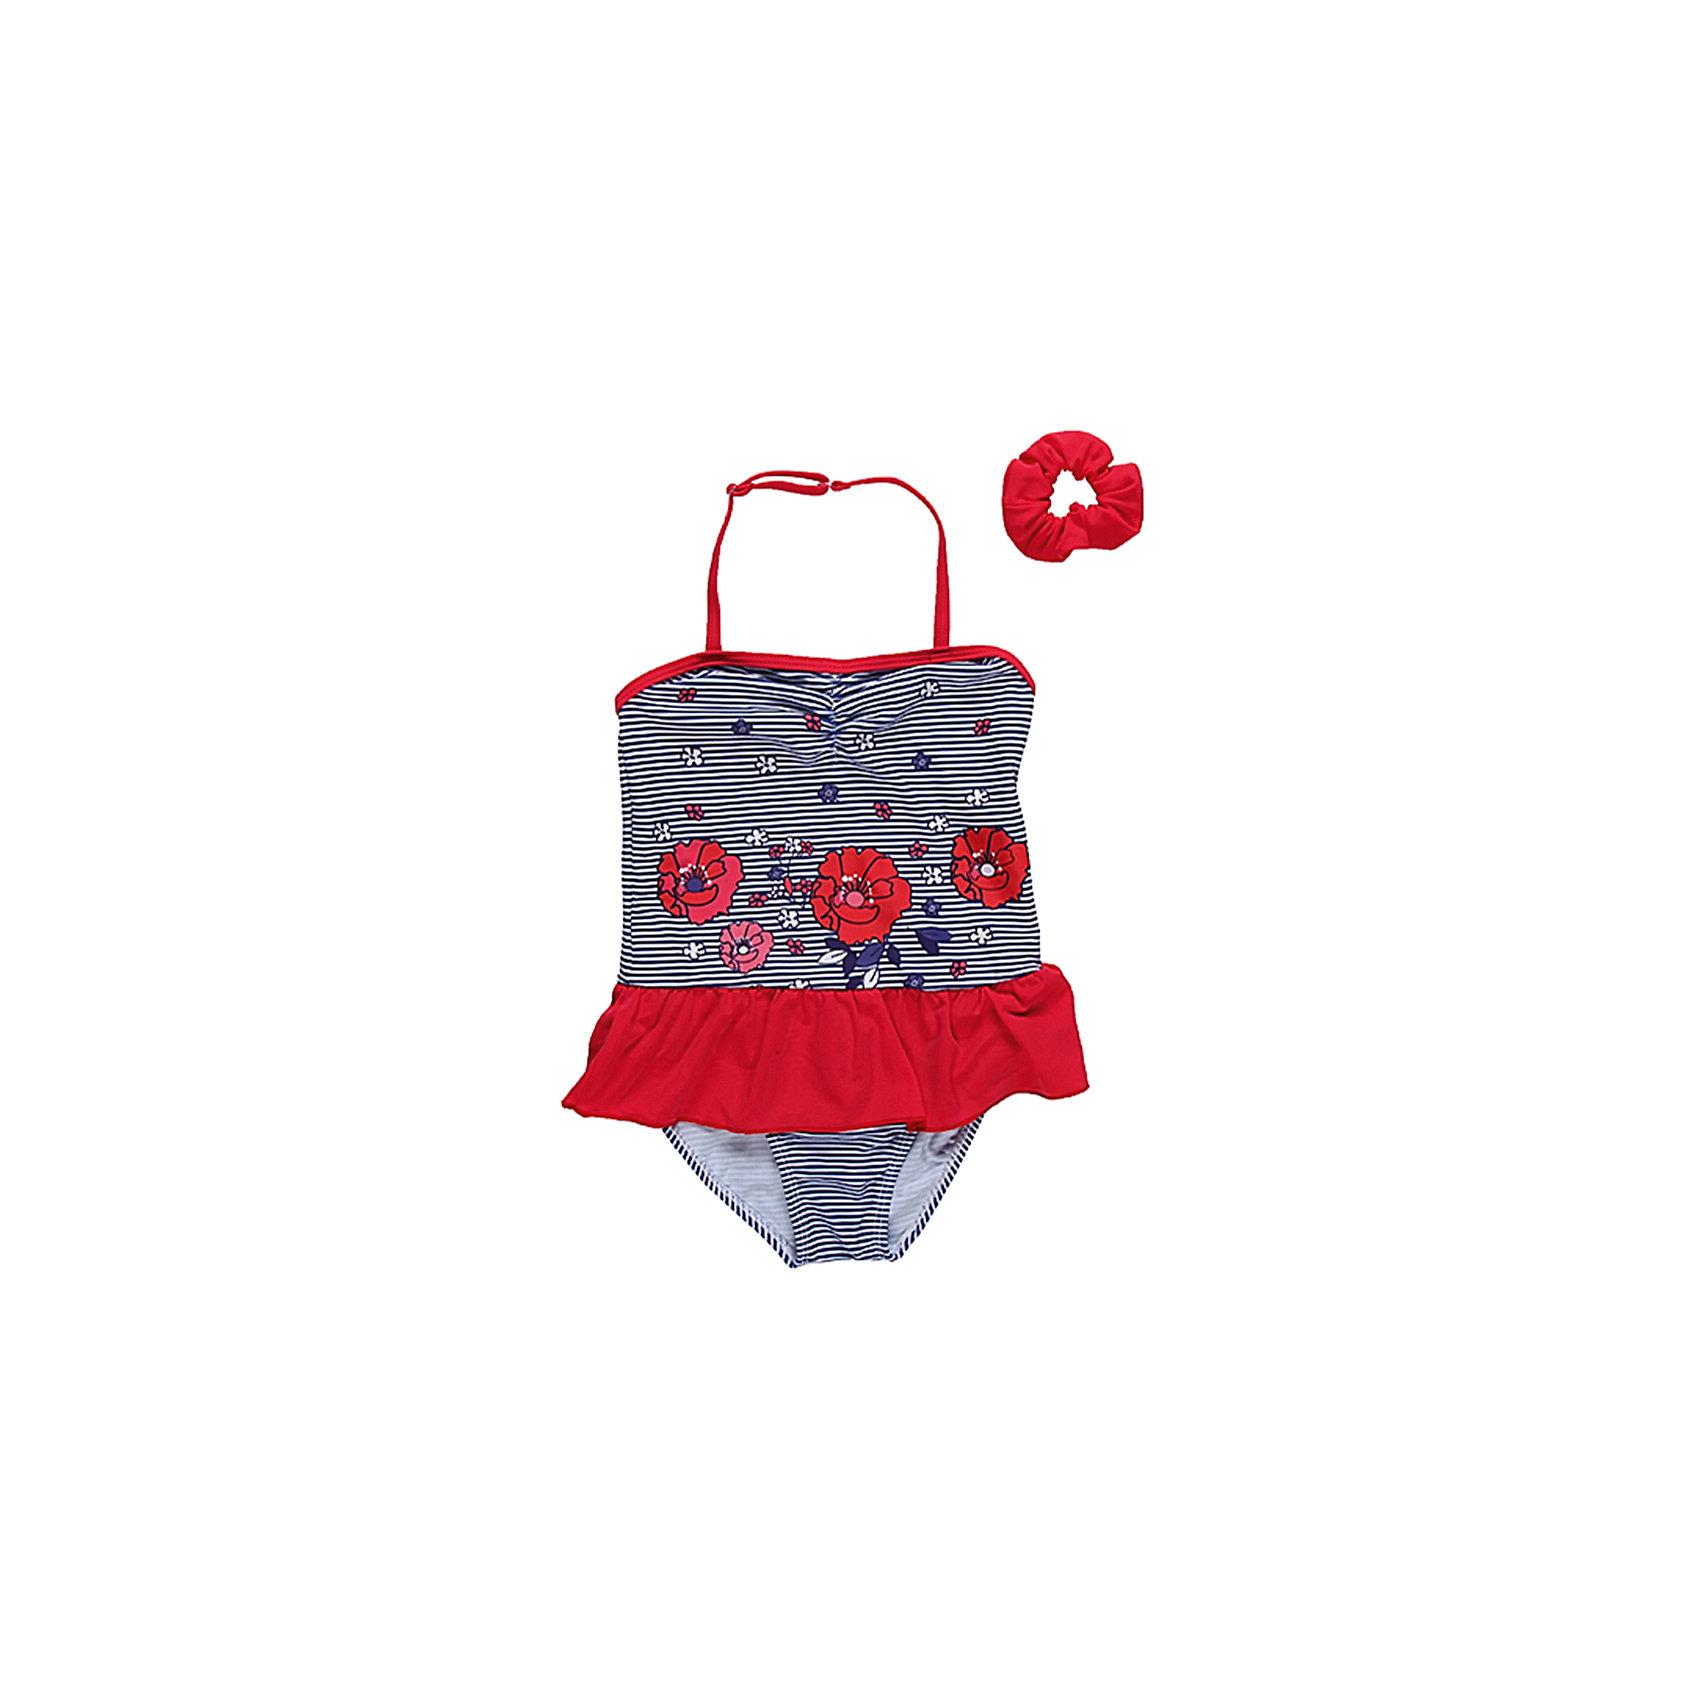 Купальник для девочки Sweet BerryСлитный купальник для девочки - в морской тематике, декорирован оборочкой по талии и оригинальным принтом, резинка для волос в комплекте.<br>Состав:<br>85% нейлон    15% эластан<br><br>Ширина мм: 183<br>Глубина мм: 60<br>Высота мм: 135<br>Вес г: 119<br>Цвет: разноцветный<br>Возраст от месяцев: 60<br>Возраст до месяцев: 72<br>Пол: Женский<br>Возраст: Детский<br>Размер: 116,98,128,104,140,110<br>SKU: 4521138